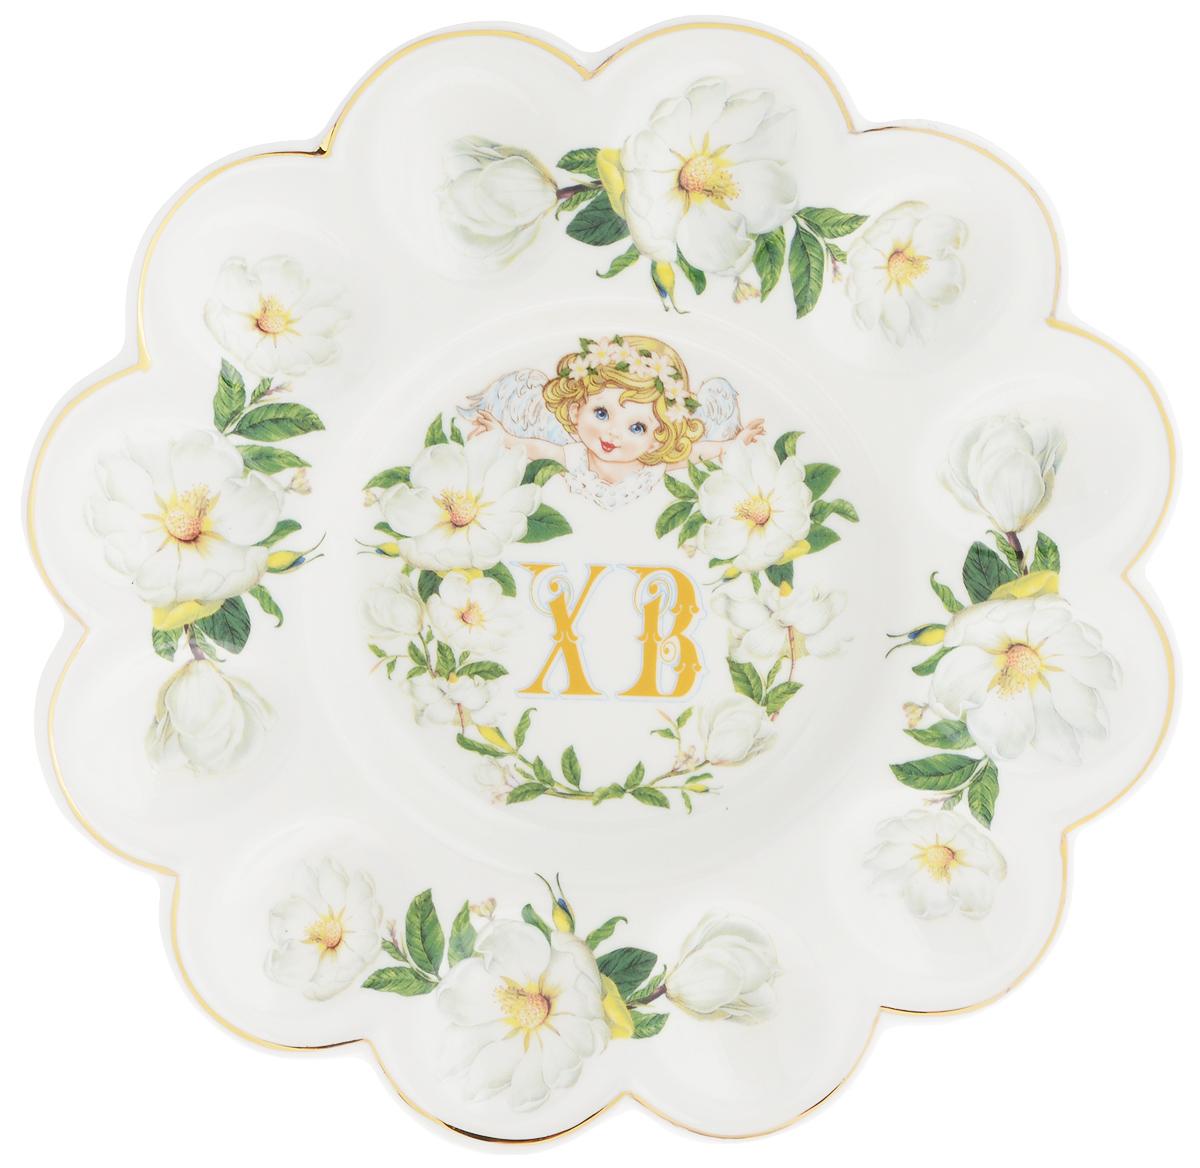 Тарелка для фаршированных яиц Elan Gallery ХВ. Белый шиповник, диаметр 24 см740250Тарелка для фаршированных яиц Elan Gallery ХВ. Белый шиповник, изготовленная из высококачественной керамики, украсит ваш праздничный стол. На изделии имеются специальные углубления для 12 яиц. Тарелка оформлена цветочным рисунком. Такая тарелка украсит сервировку вашего стола и подчеркнет прекрасный вкус хозяйки. Не рекомендуется применять абразивные моющие средства. Не использовать в микроволновой печи.